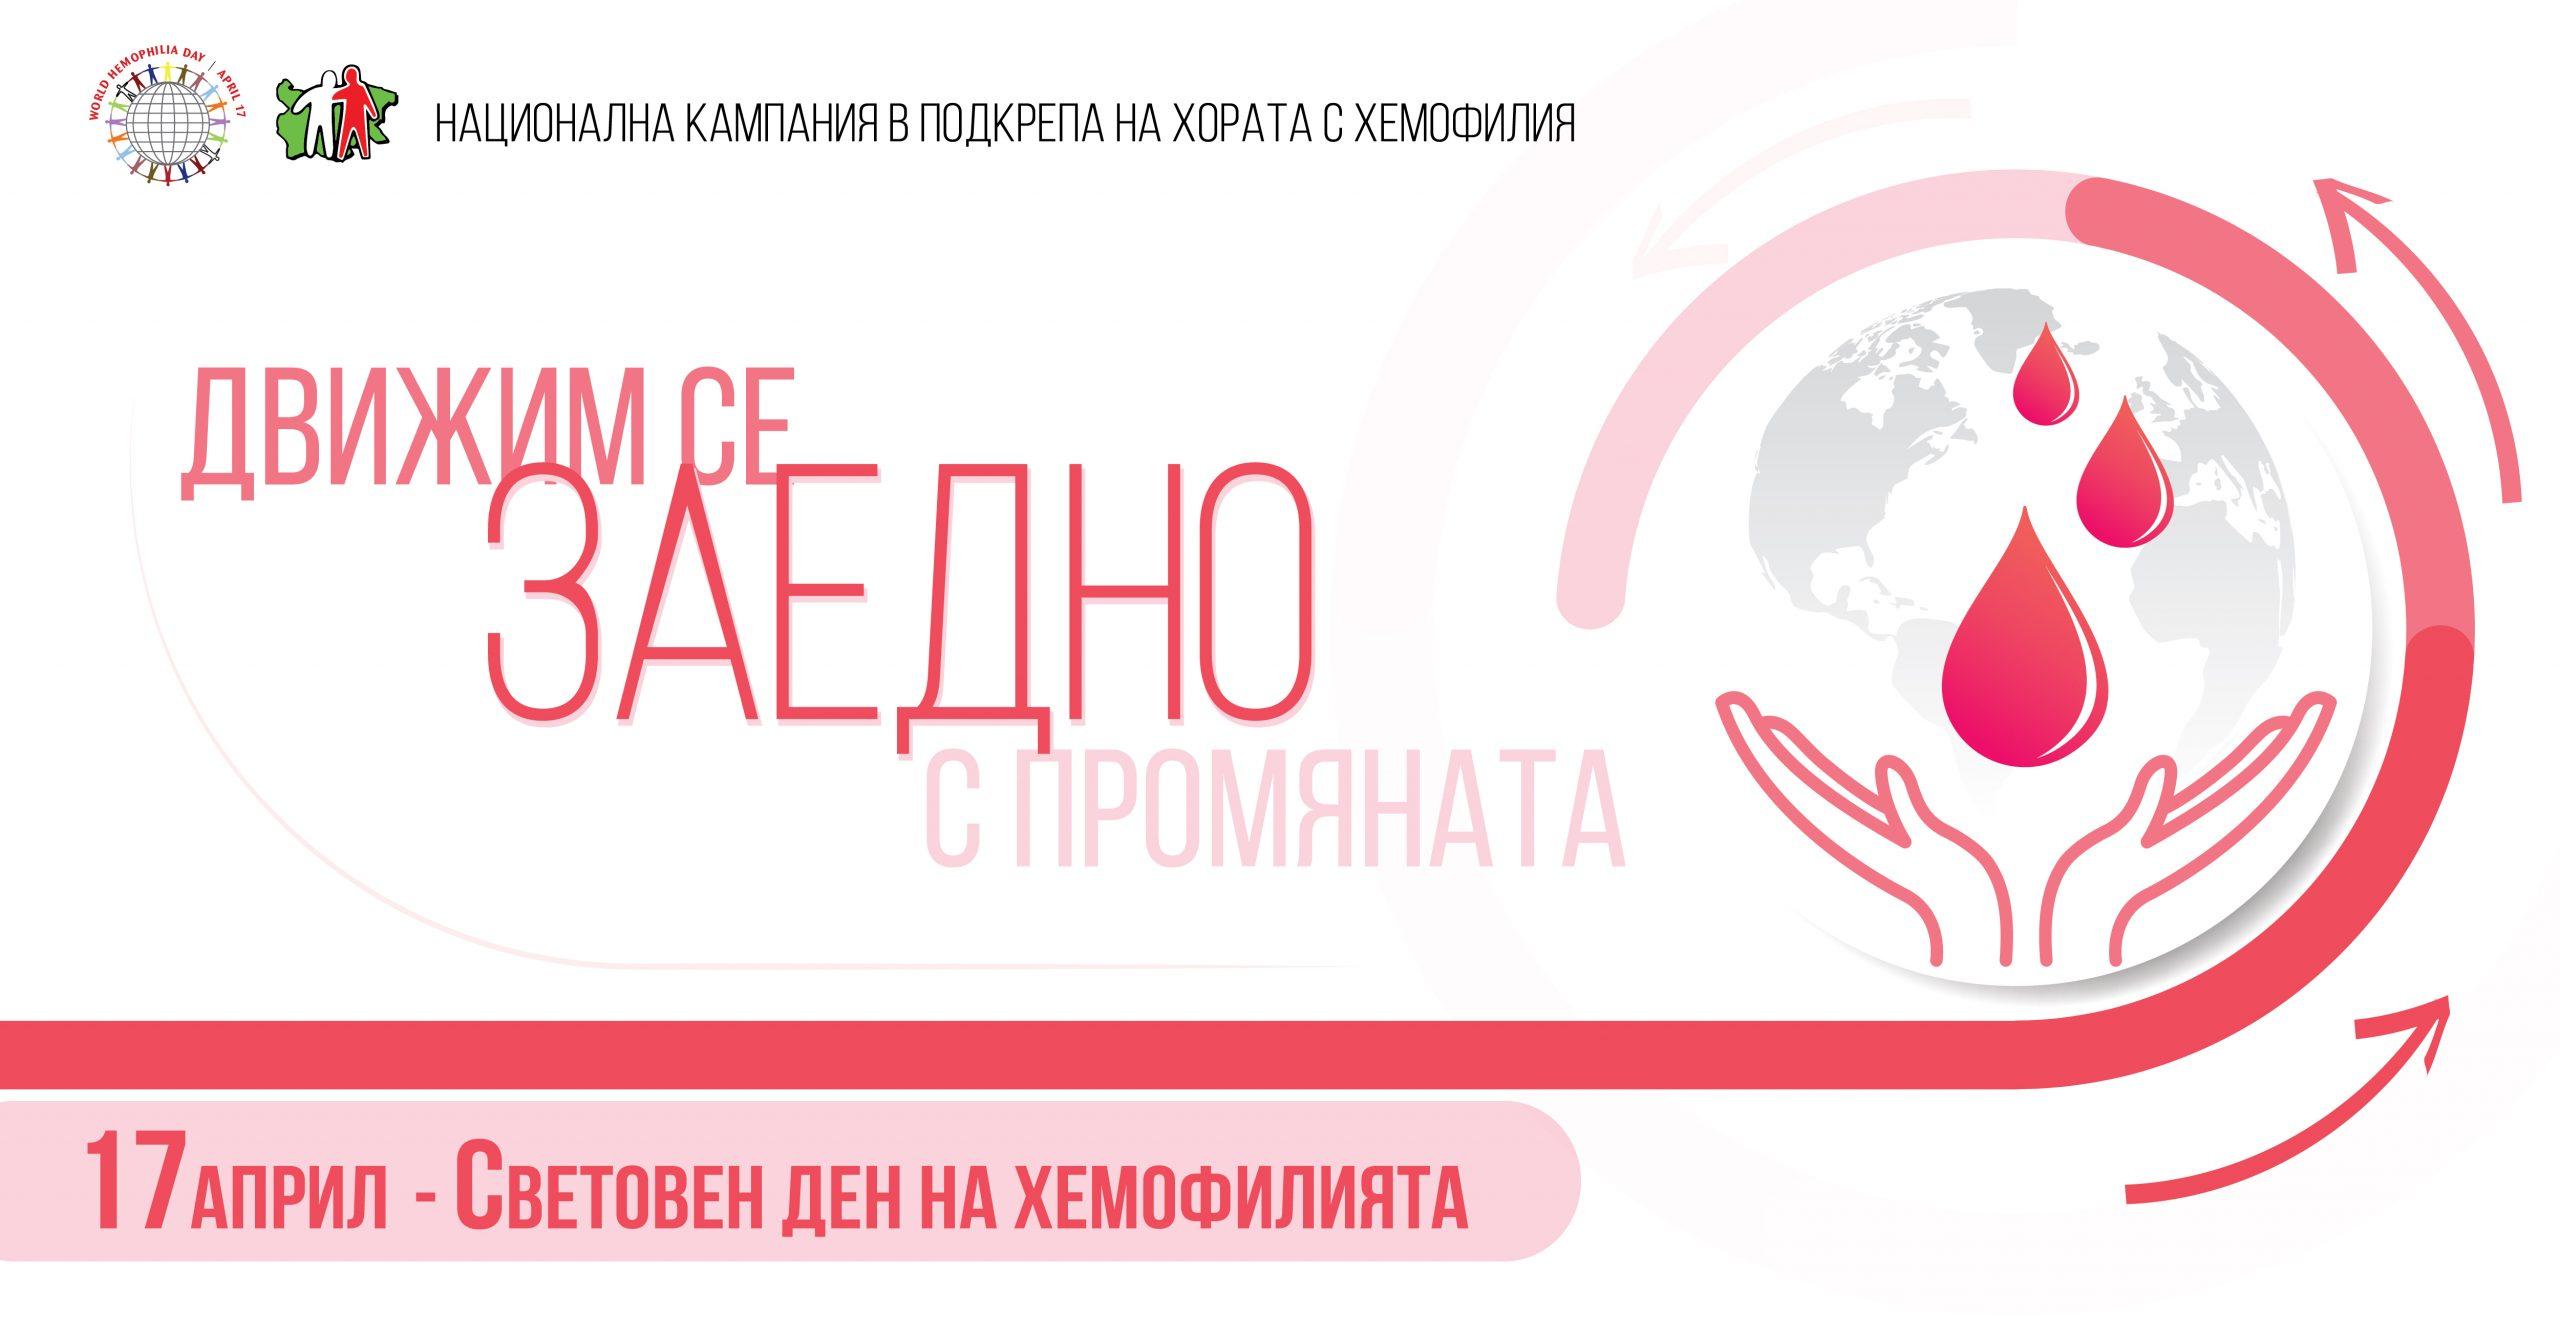 """Българската Асоциация по Хемофилия представя: """"Движим се заедно с промяната!"""" 139"""